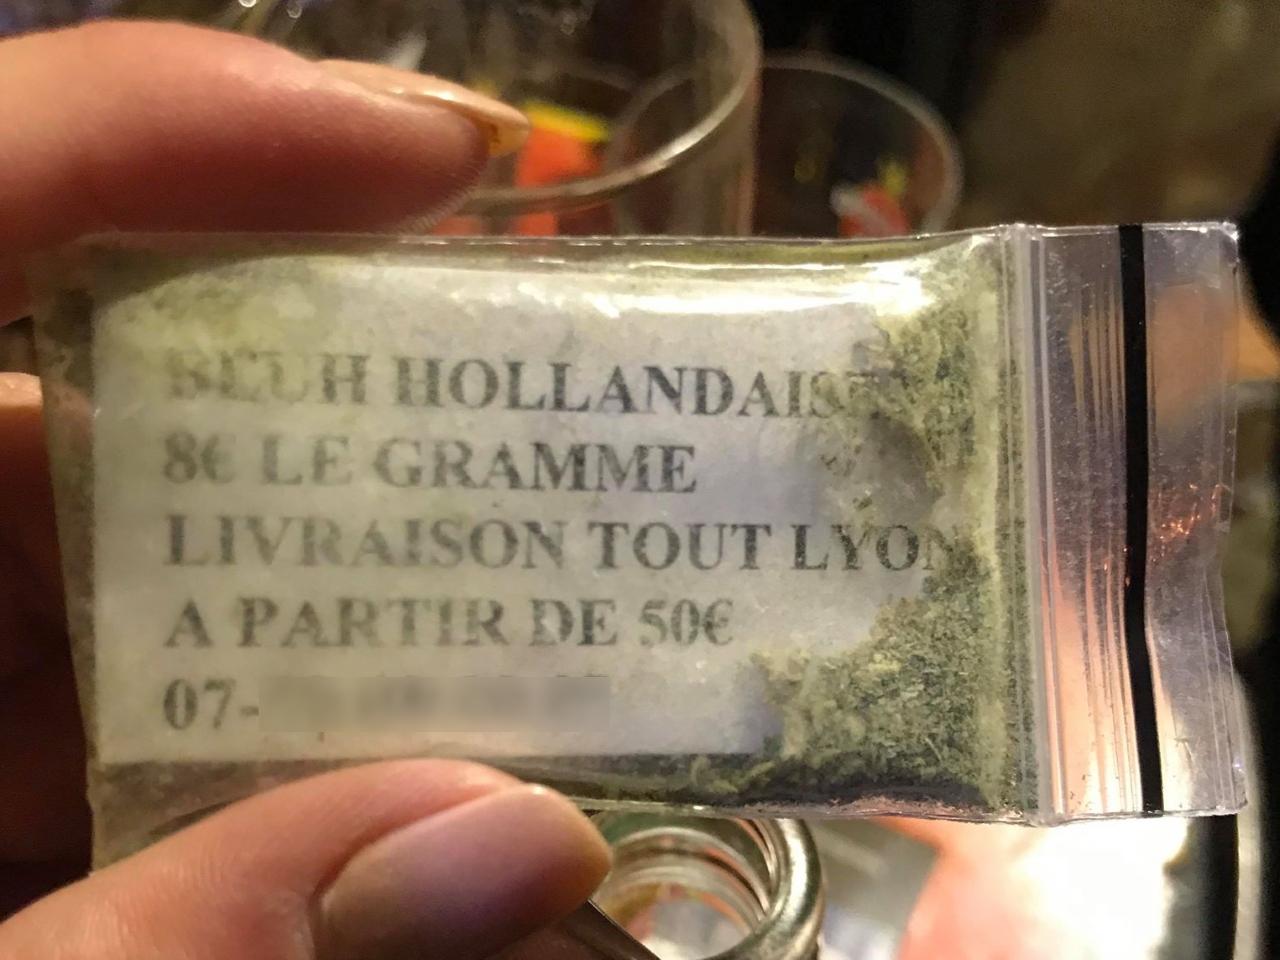 Lyon Des Dealers Distribuent Echantillons De Cannabis Pour Faire Leur Pub